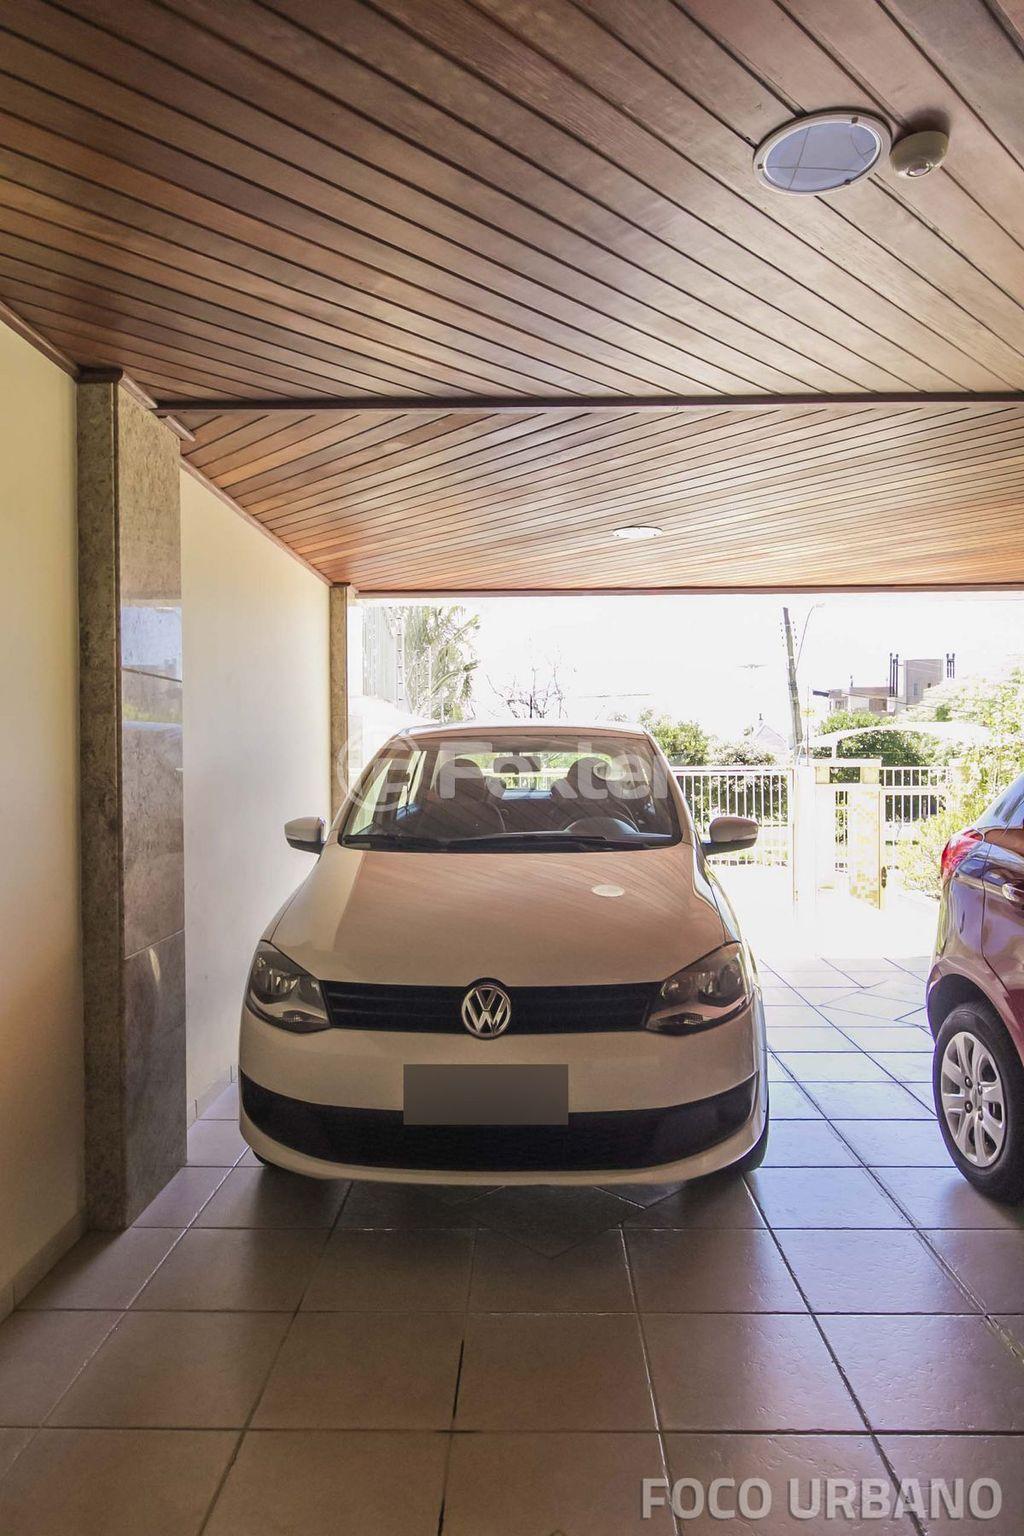 Foxter Imobiliária - Cobertura 3 Dorm (135857) - Foto 35